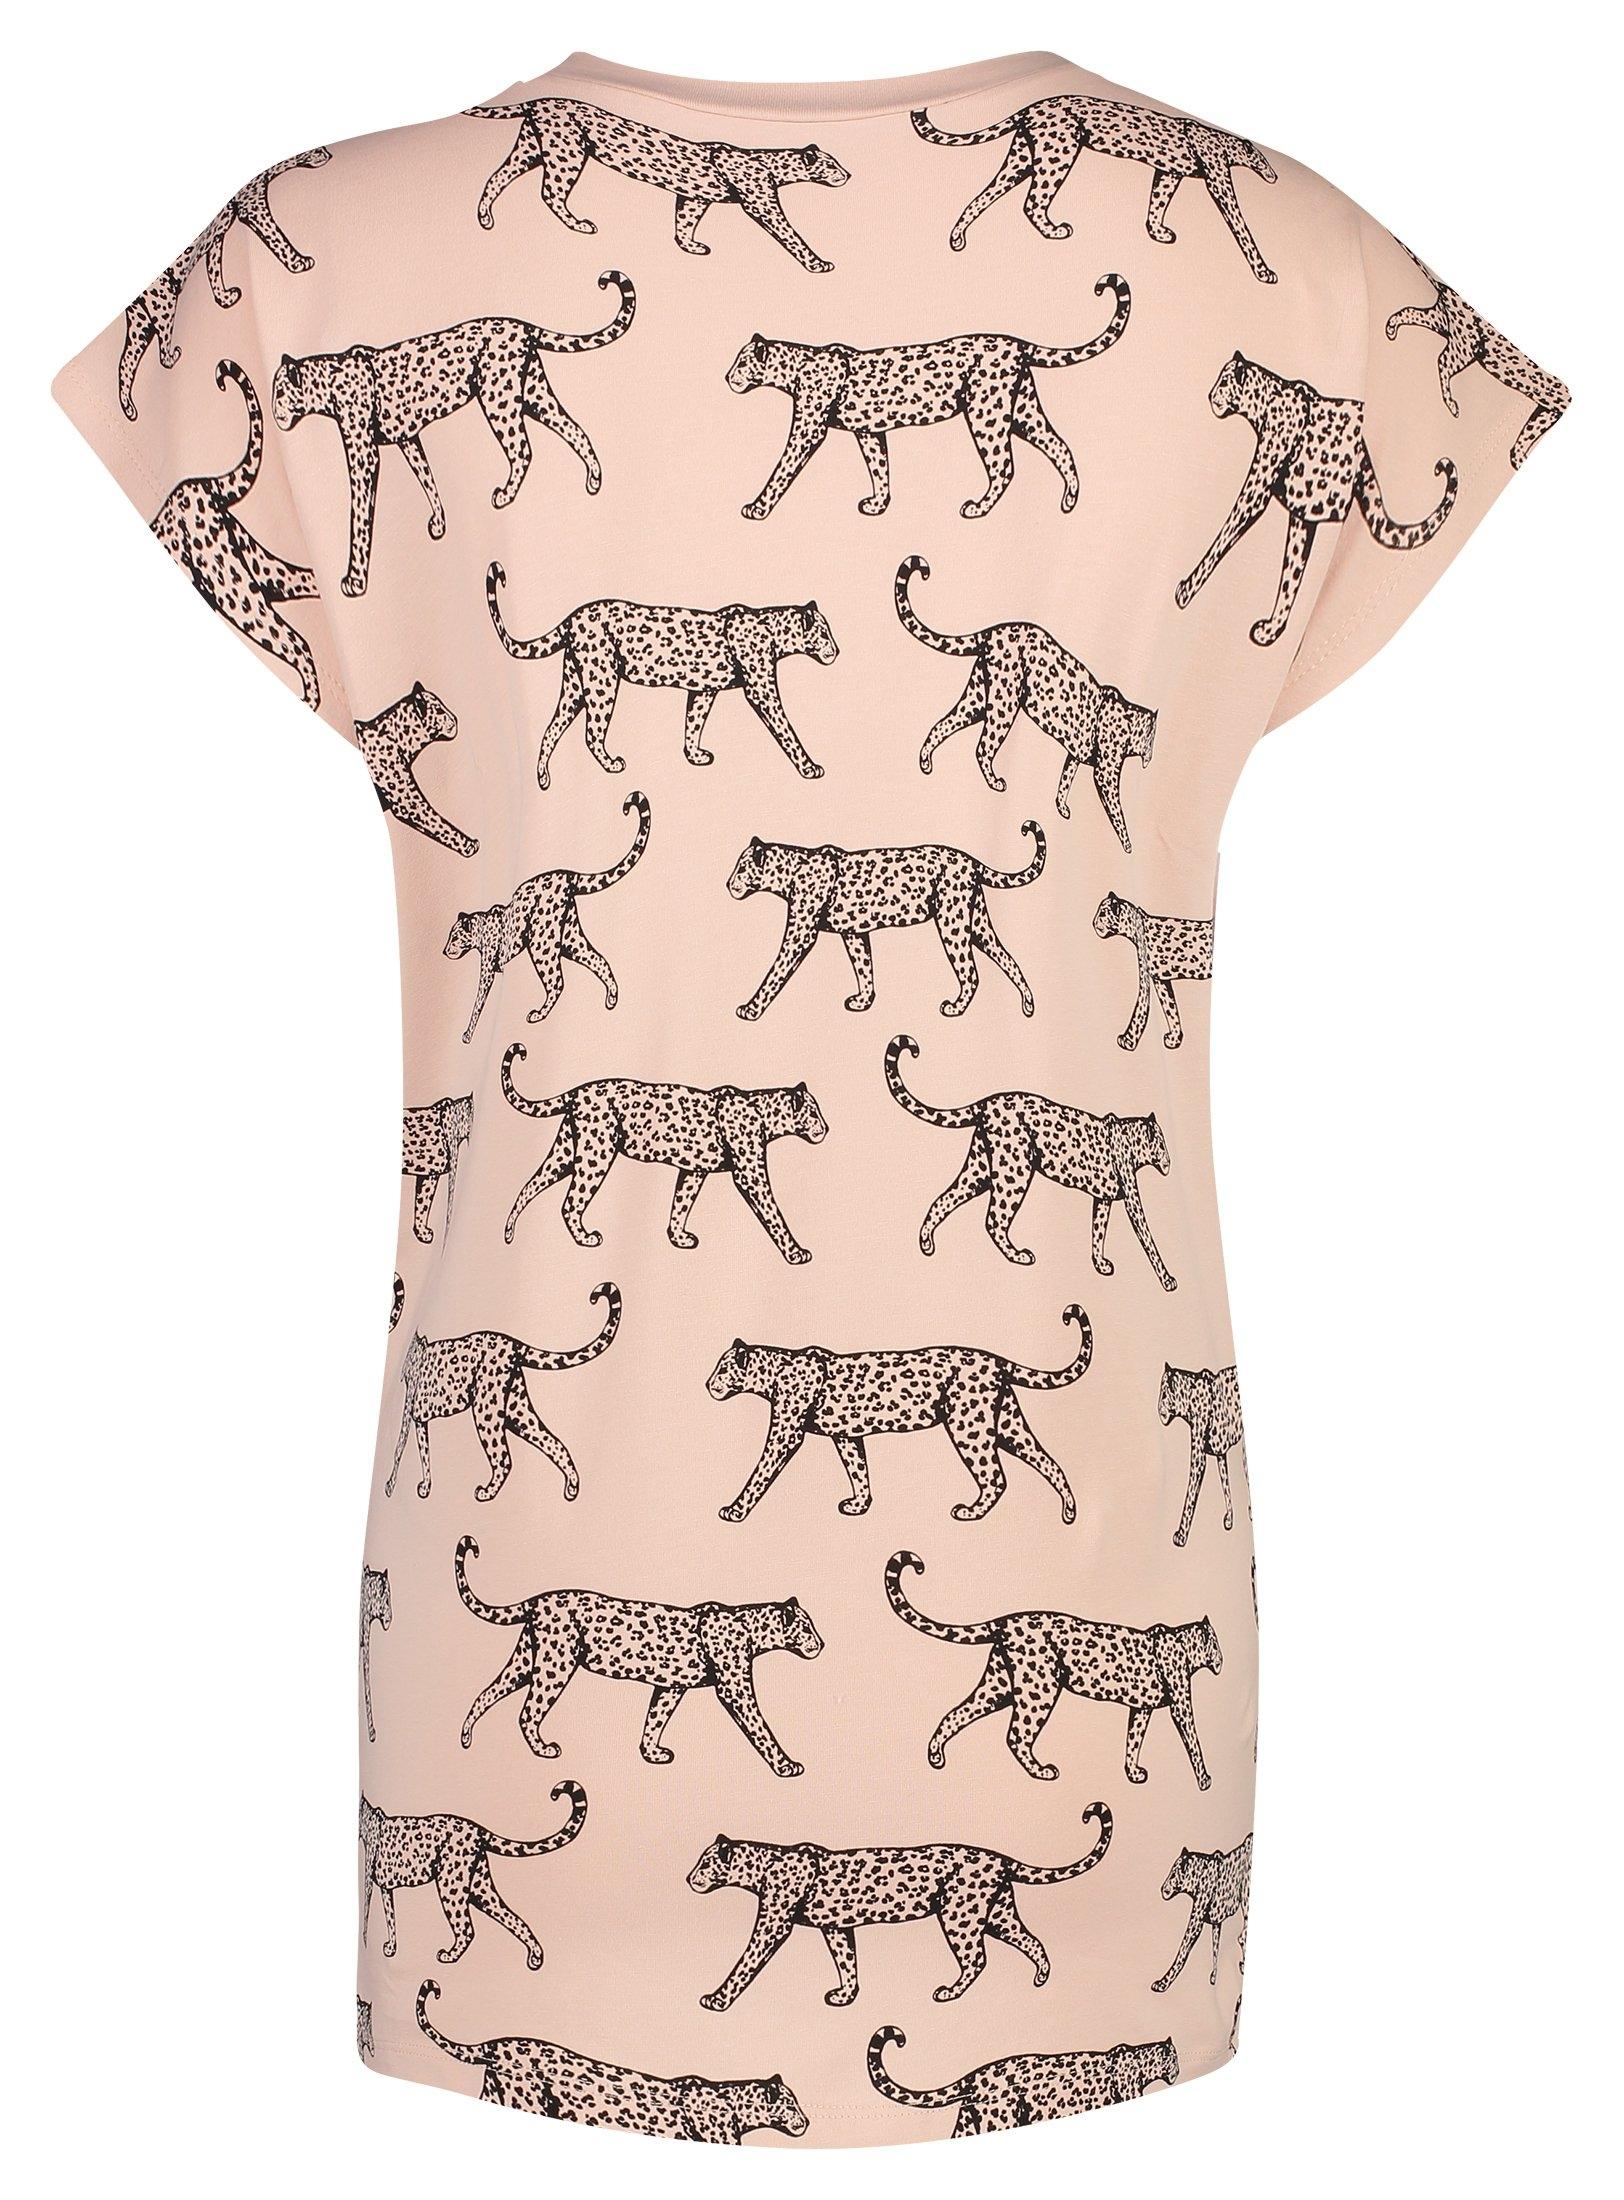 Online Shop Supermom shirtgraphic Aop T tshrdQxBC